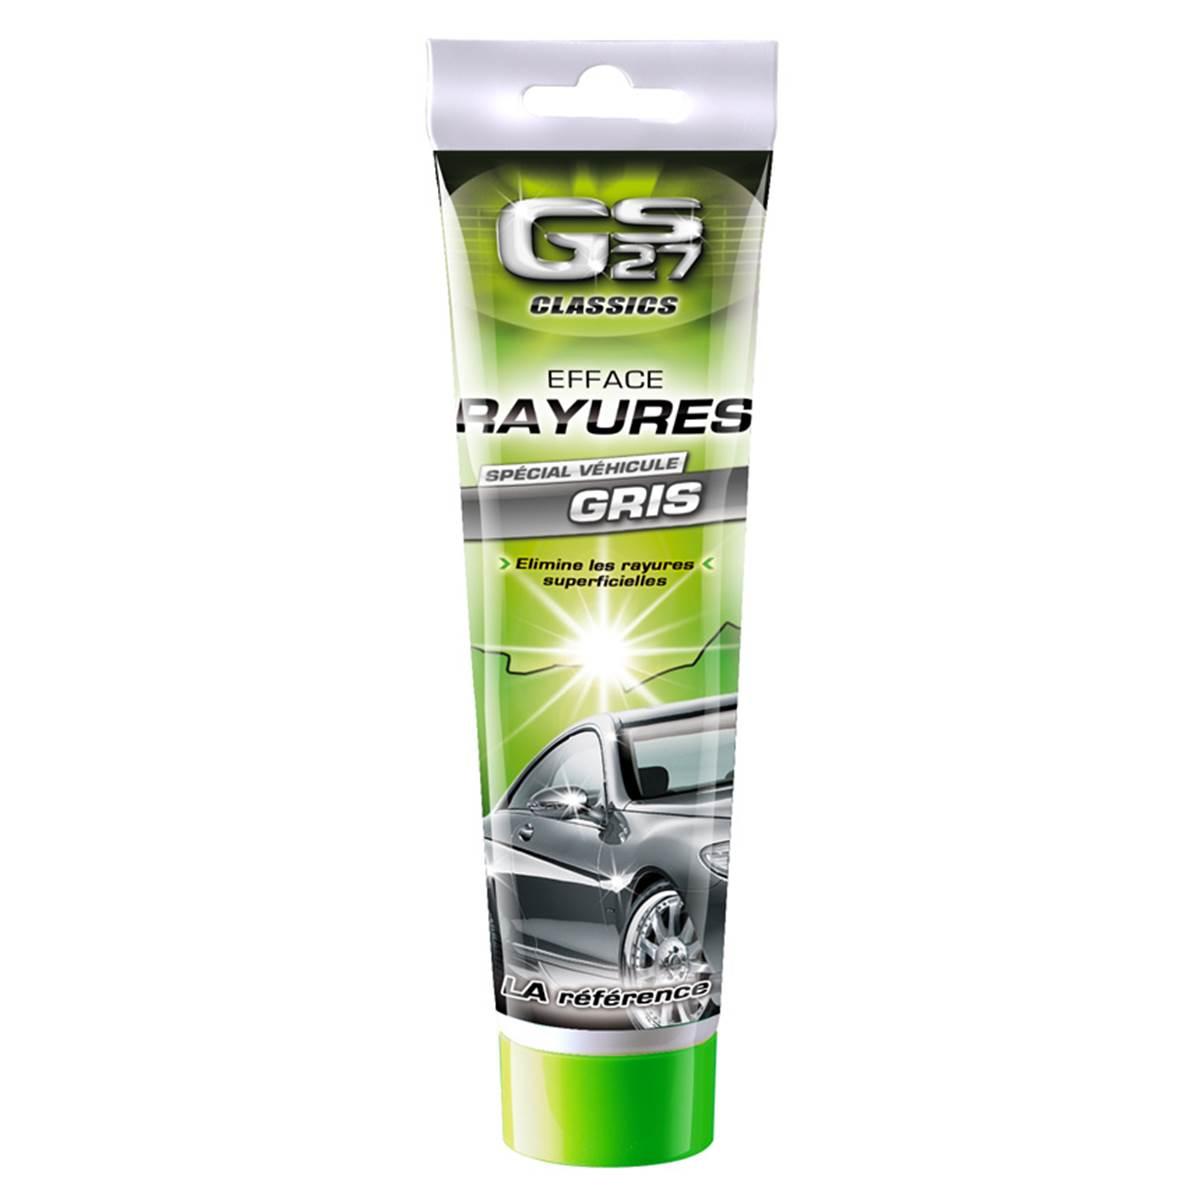 EFFACE RAYURES GRIS GS27